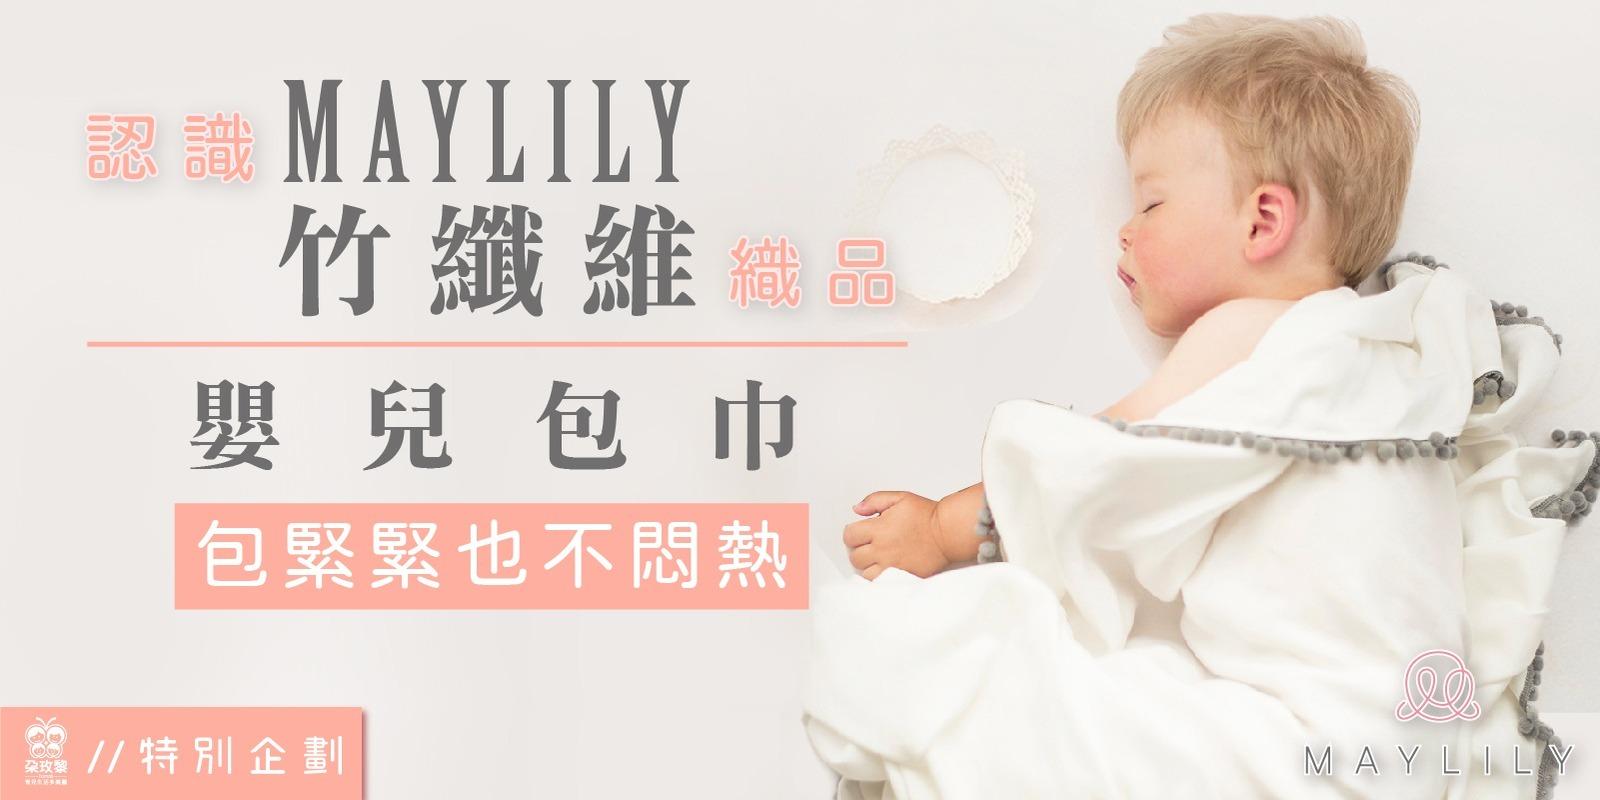 朶特企|認識Maylily竹纖維織品,嬰兒包巾包緊緊也不悶熱